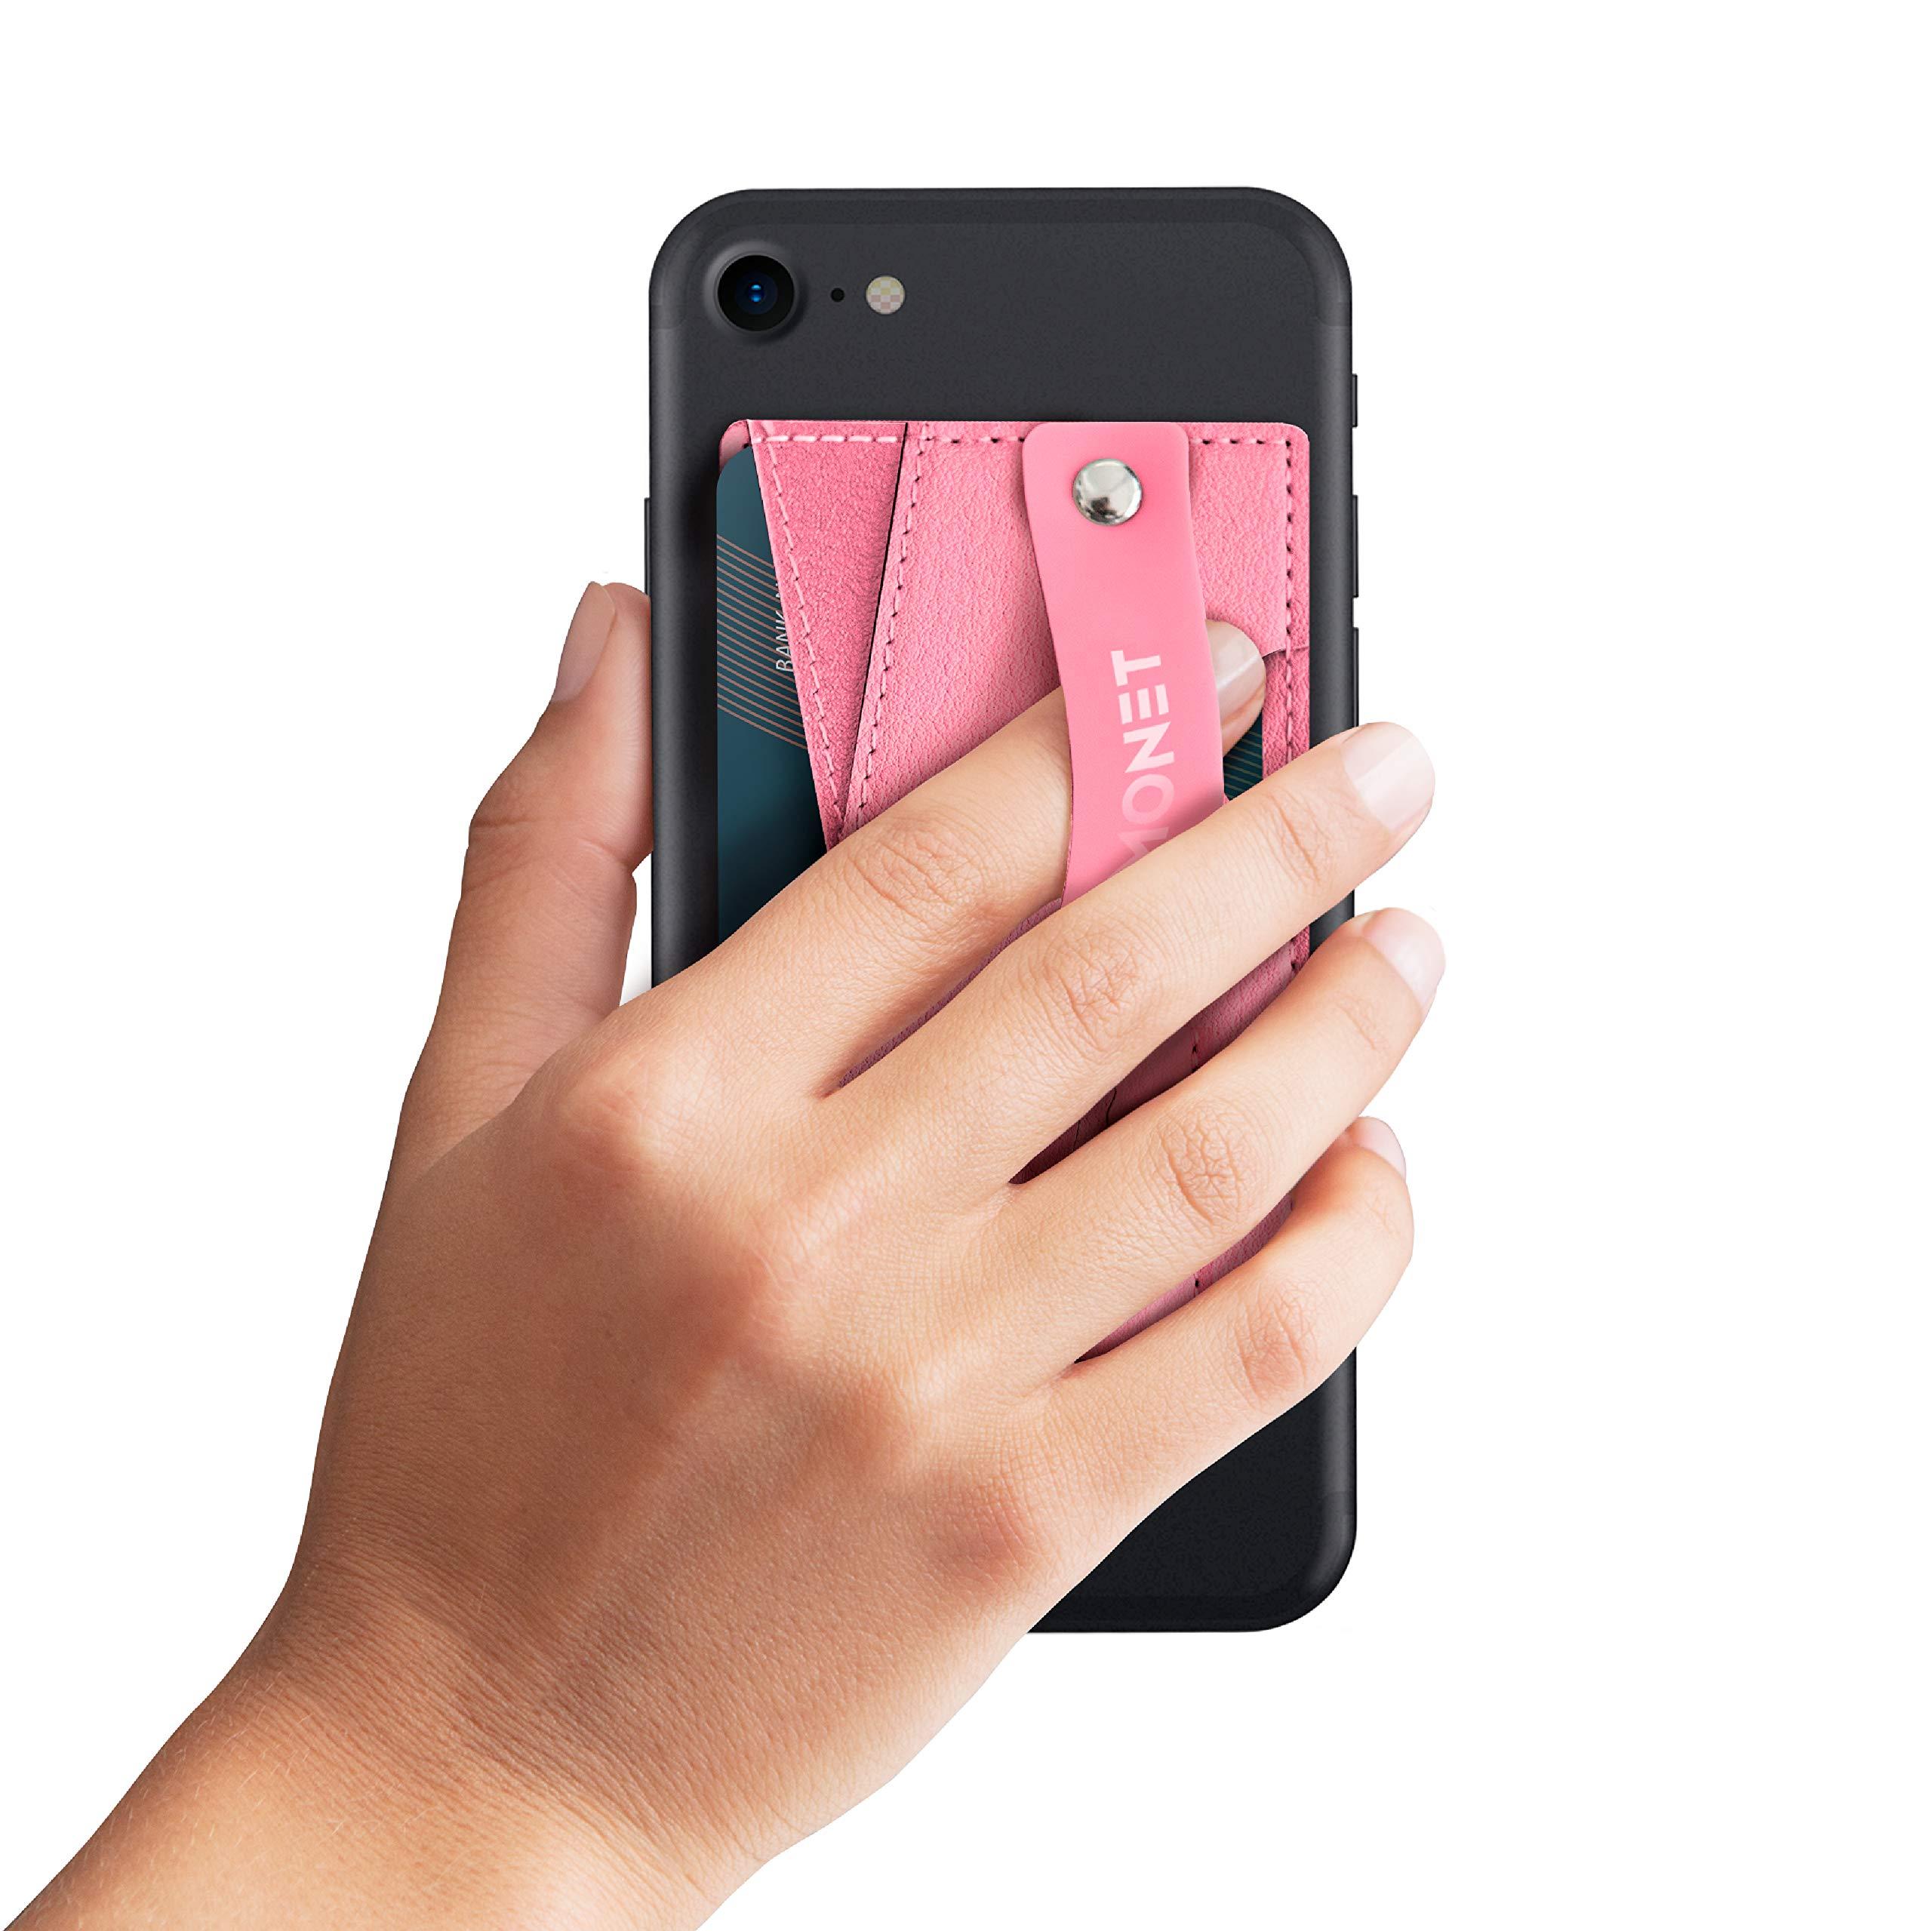 Monet Ultra Grip 3-in-1 Smart Phone Wallet | Card Holder | Kickstand | Light Pink by MONET